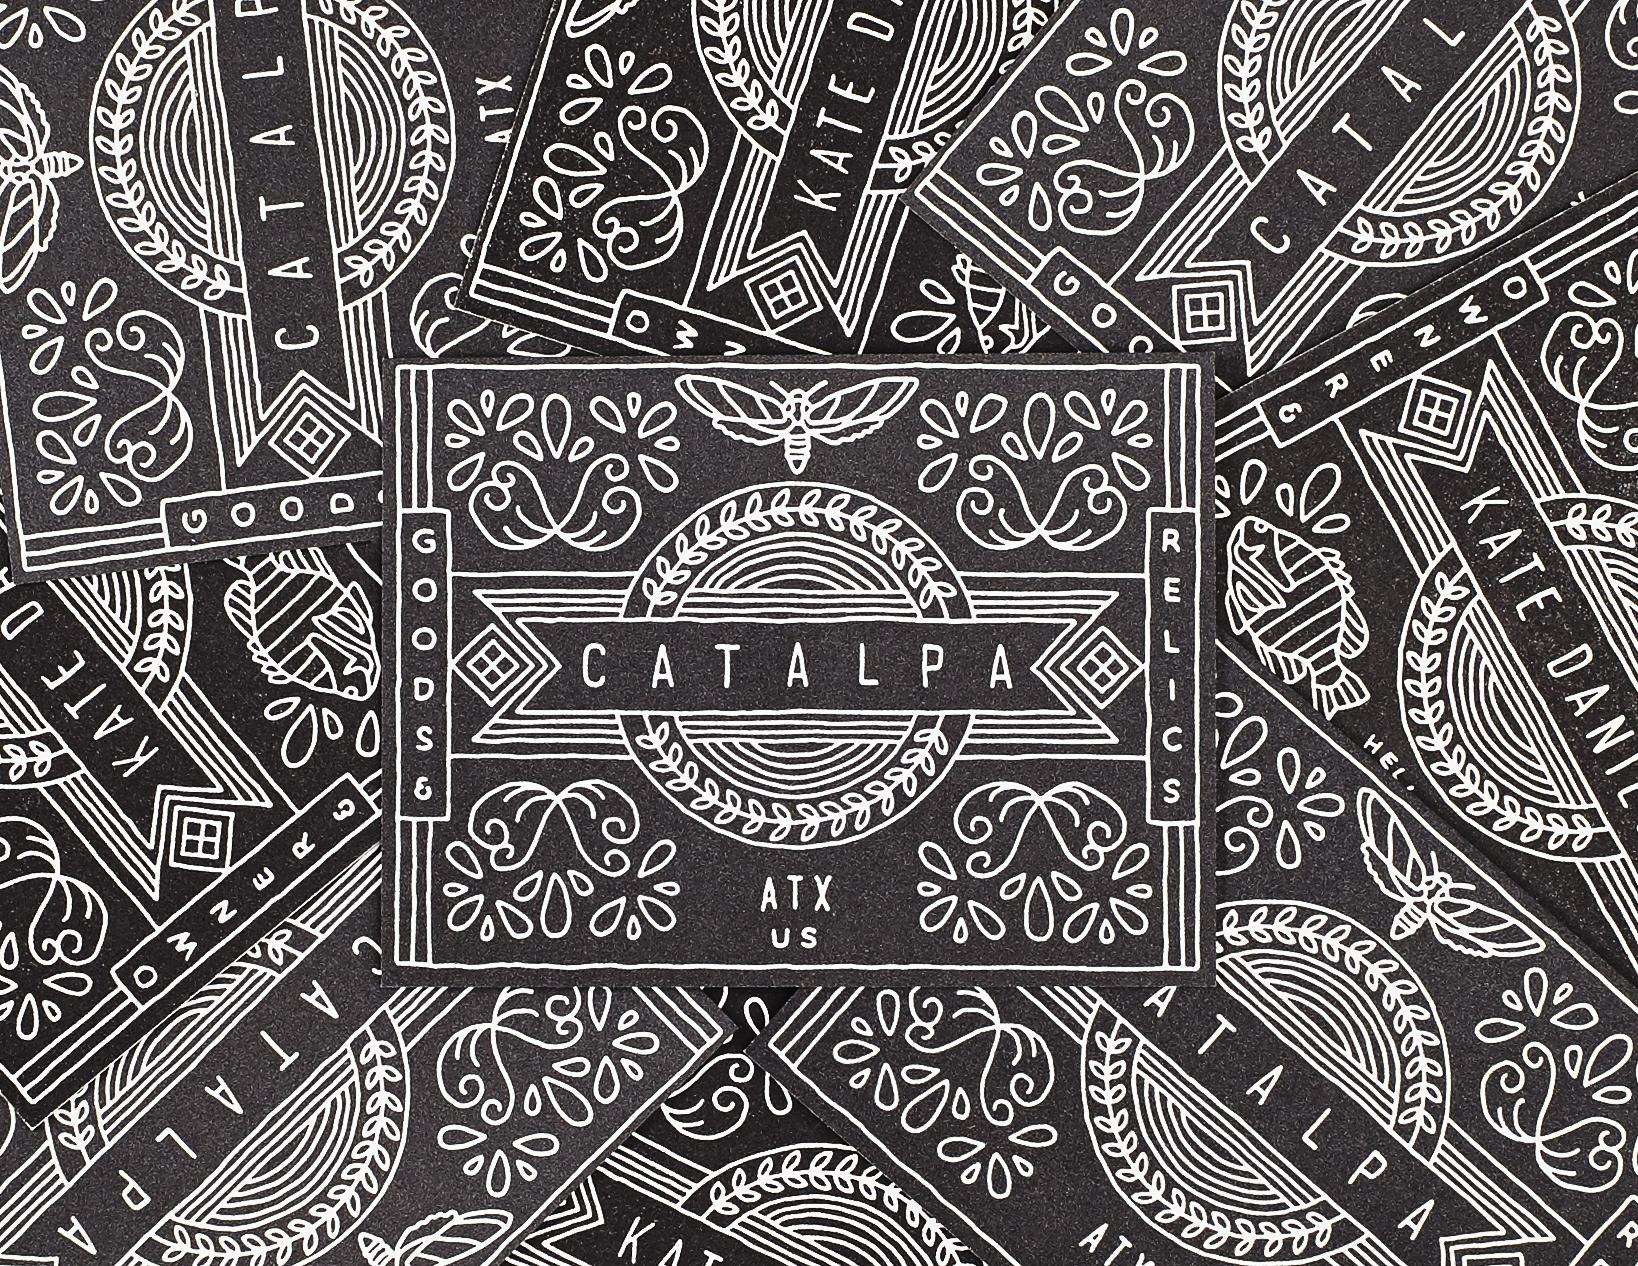 Catalpa5168